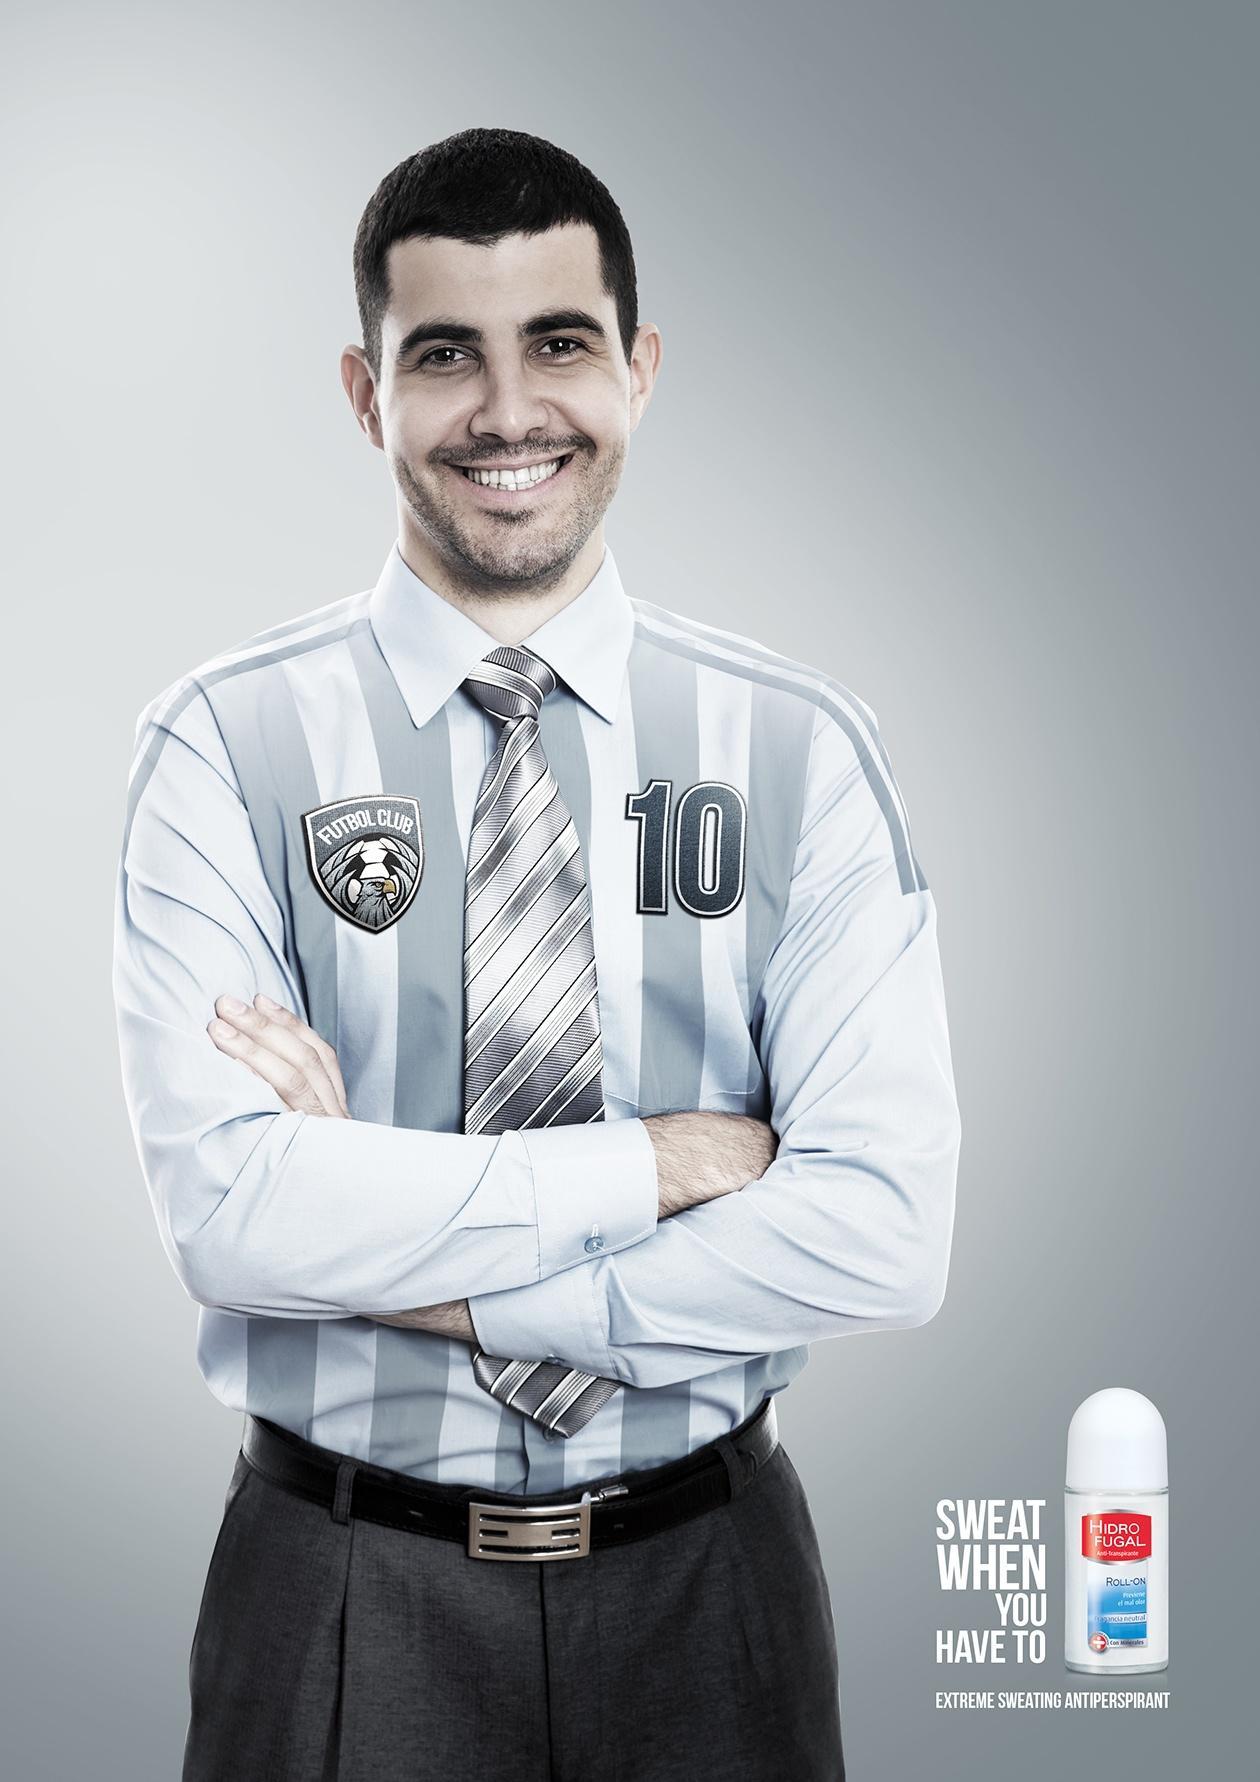 Spécial Coupe du Monde de Football : Les 100 plus belles publicités sur le foot ! 56